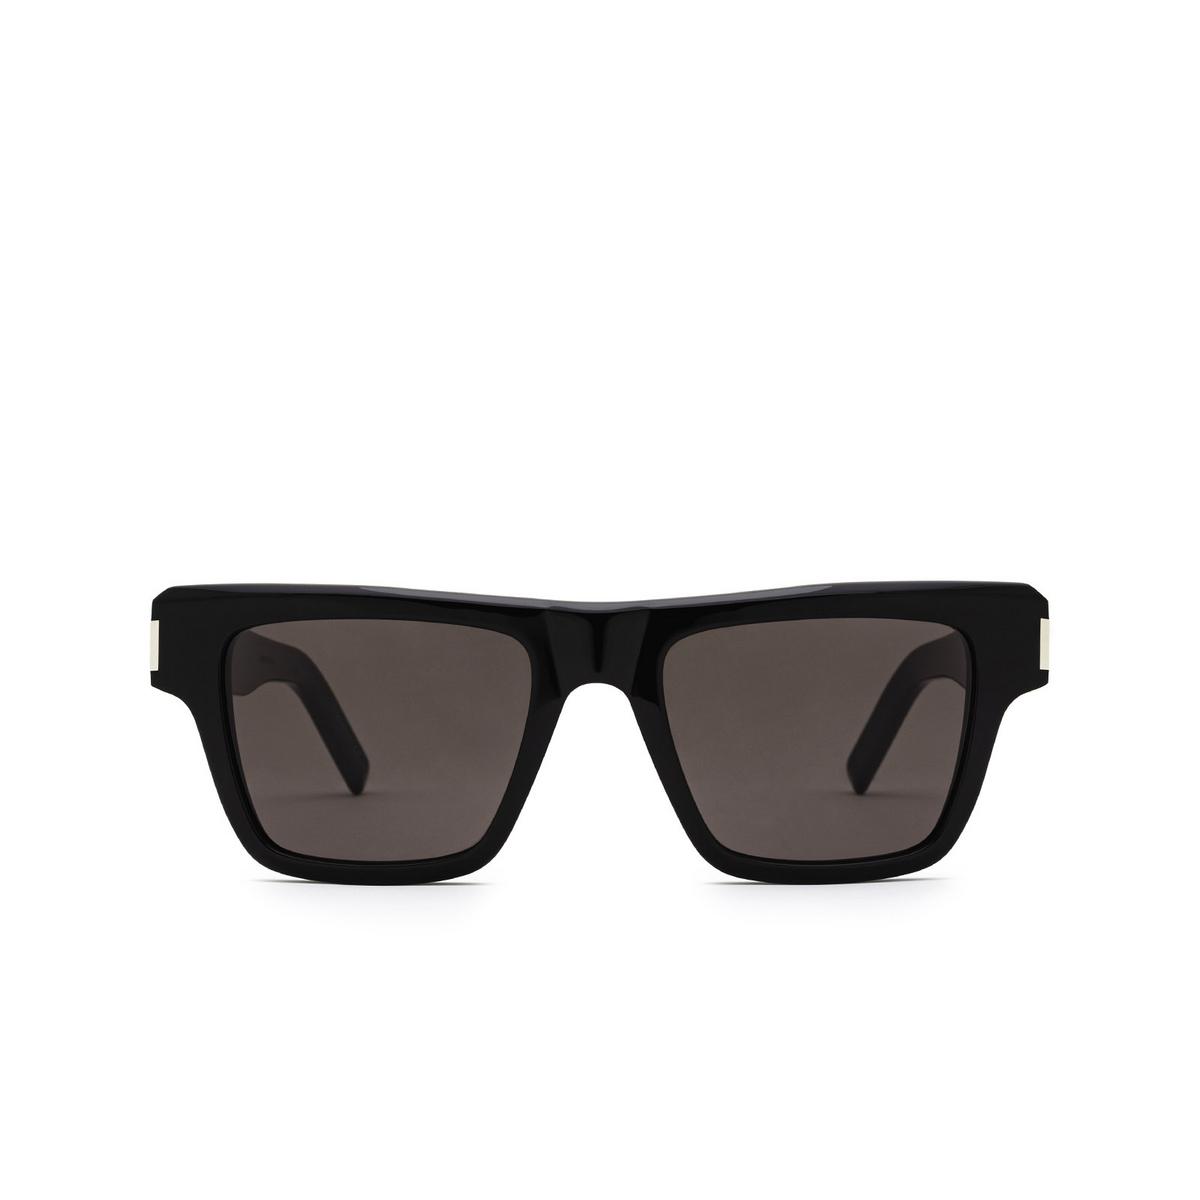 Saint Laurent® Rectangle Sunglasses: SL 469 color Black 001 - front view.